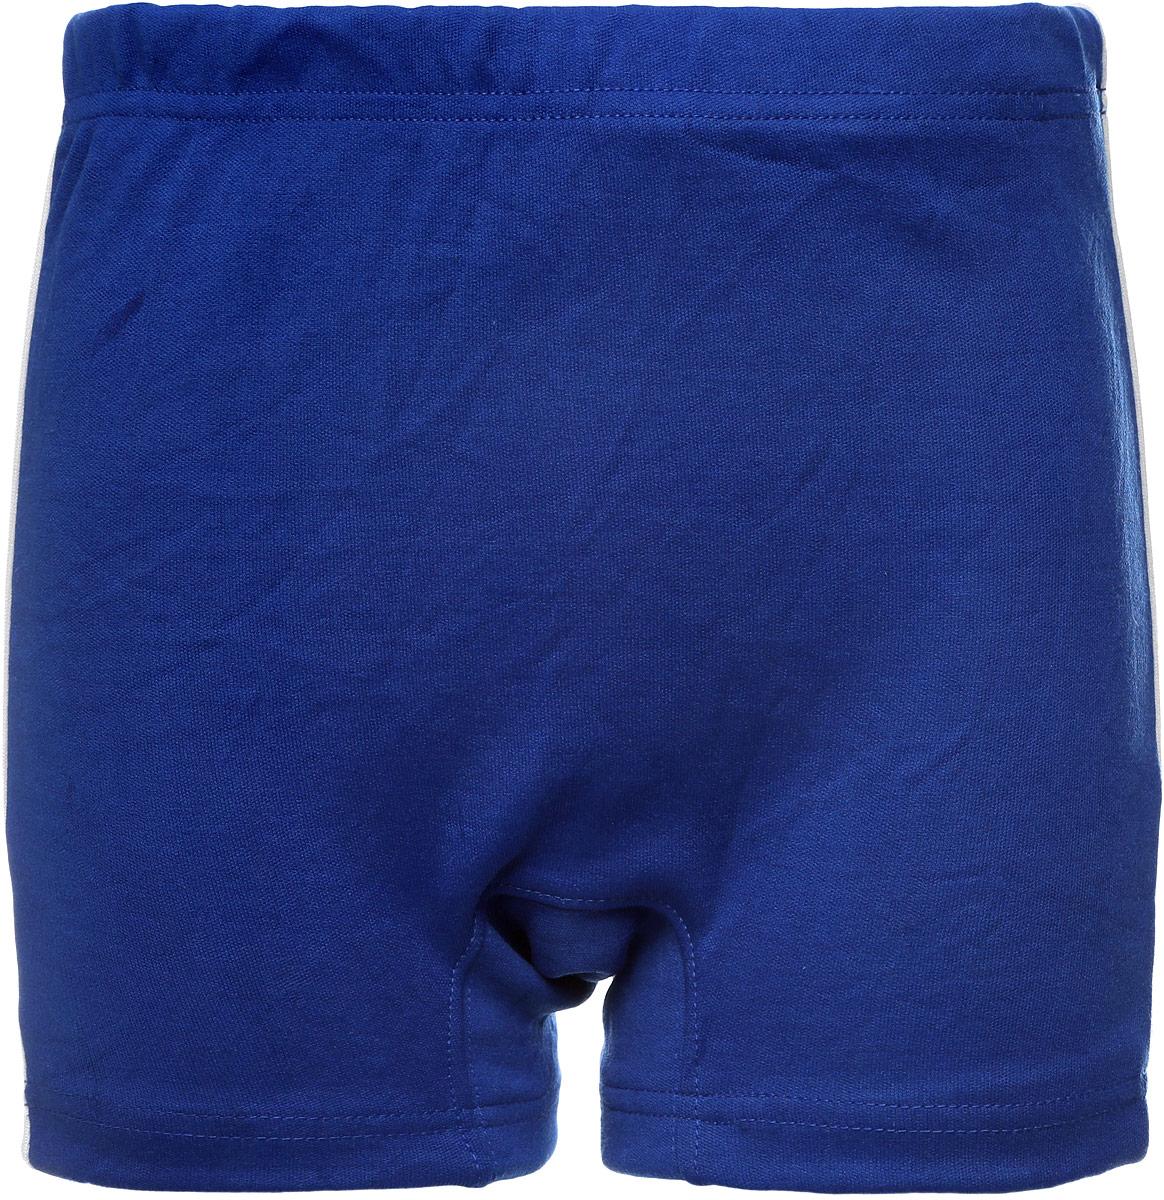 Шорты детские для самбо Green Hill, цвет: синий. SS2006234. Размер 0/130 (32-34)